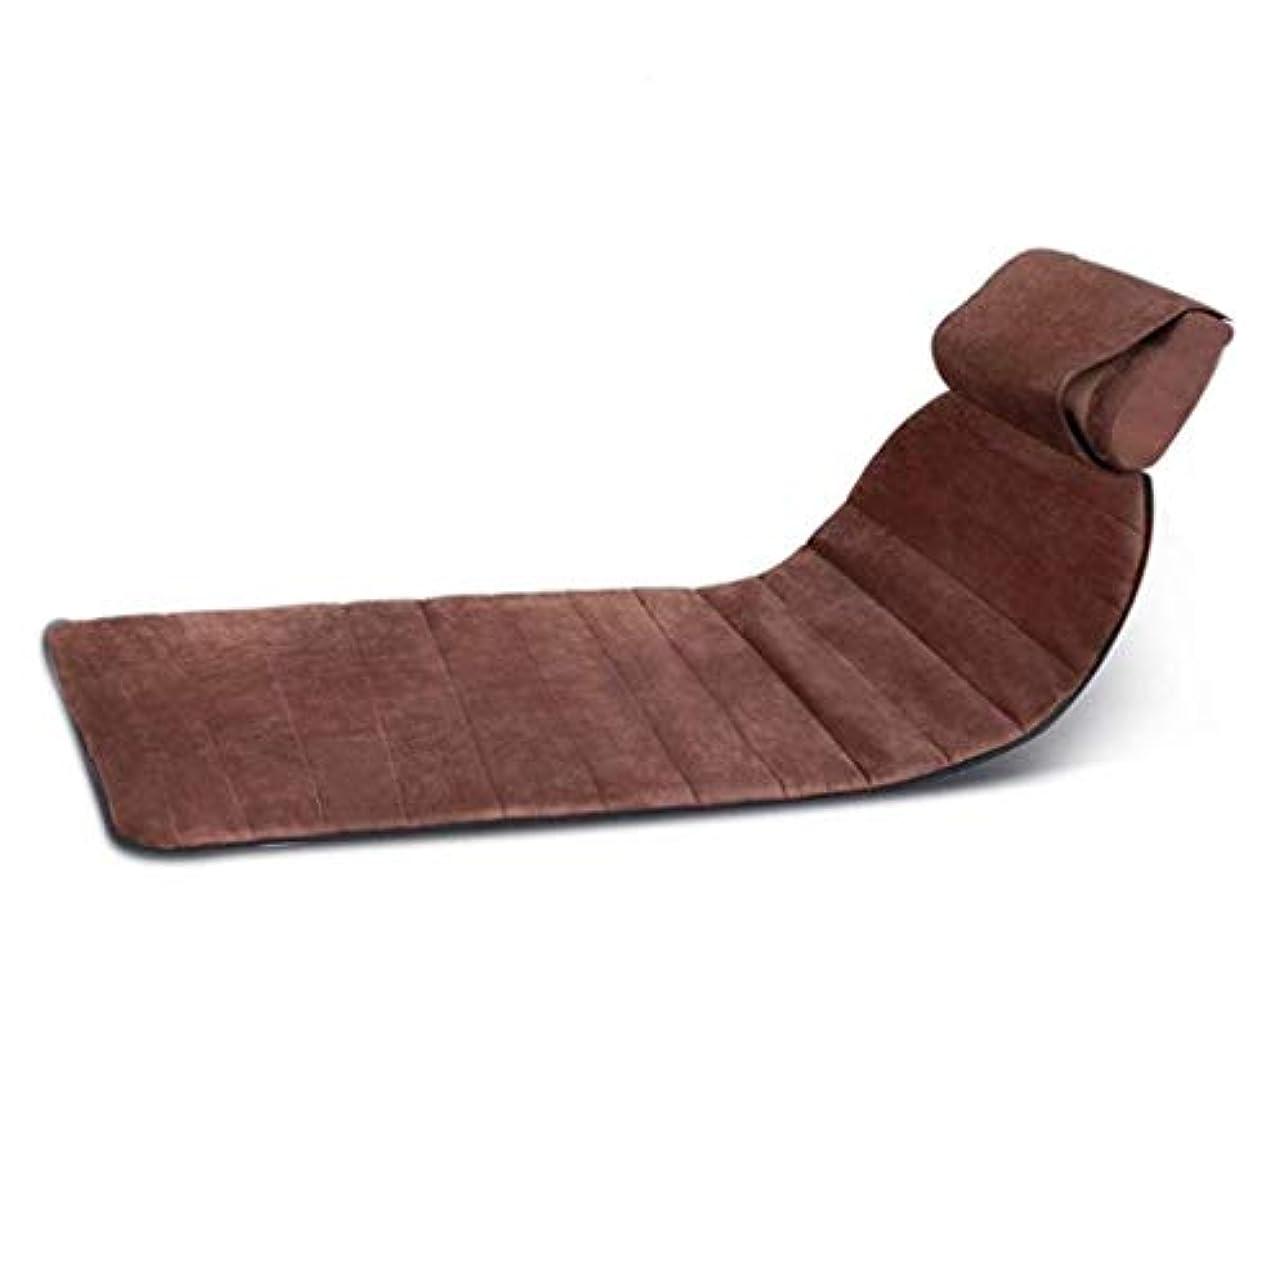 ホイットニー文法有能なマッサージクッション、折り畳み式フルボディマッサージマットレス、首と肩用の多機能加熱/振動マッサージパッド、ホームオフィスでの使用に適しており、ストレス/痛みを和らげ、筋肉をリラックス78 * 62cm